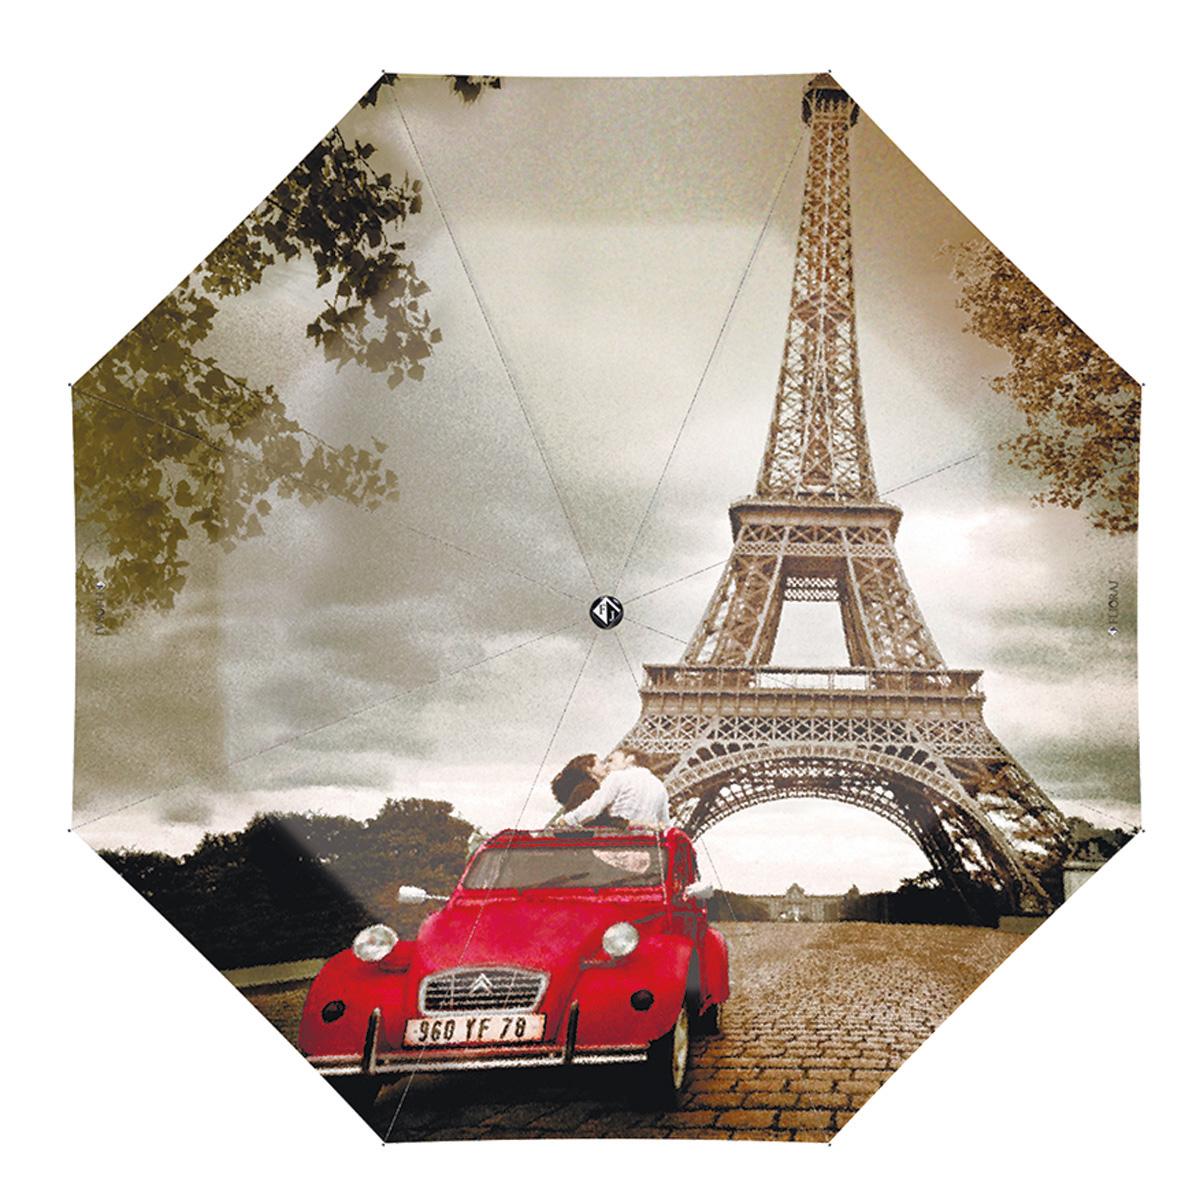 """Зонт женский Flioraj Bonjour, Paris!, автомат, 3 сложения, розово-зеленый, коричневый, красный231207 FJМодный автоматический зонт Flioraj """"Bonjour, Paris!"""" в 3 сложения отлично подойдет для ненастной погоды. """"Ветростойкий"""" каркас зонта, изготовленный из анодированной стали, состоит из восьми спиц и прочного стержня. Купол зонта с тефлоновой пропиткой выполнен из полиэстера и оформлен изображением влюбленной пары на фоне Эйфелевой башни. Модель оснащена рукояткой из пластика. Зонт имеет полный автоматический механизм сложения: купол открывается и закрывается нажатием кнопки на рукоятке, стержень складывается вручную до характерного щелчка. Благодаря этому открыть и закрыть зонт можно одной рукой, что чрезвычайно удобно при входе в транспорт или помещение. Небольшой шнурок, расположенный на рукоятке, позволяет надеть изделие на руку при необходимости. Модель закрывается при помощи хлястика на кнопке. Такой зонт не только надежно защитит вас от дождя, но и станет стильным аксессуаром, который идеально подчеркнет ваш неповторимый образ."""